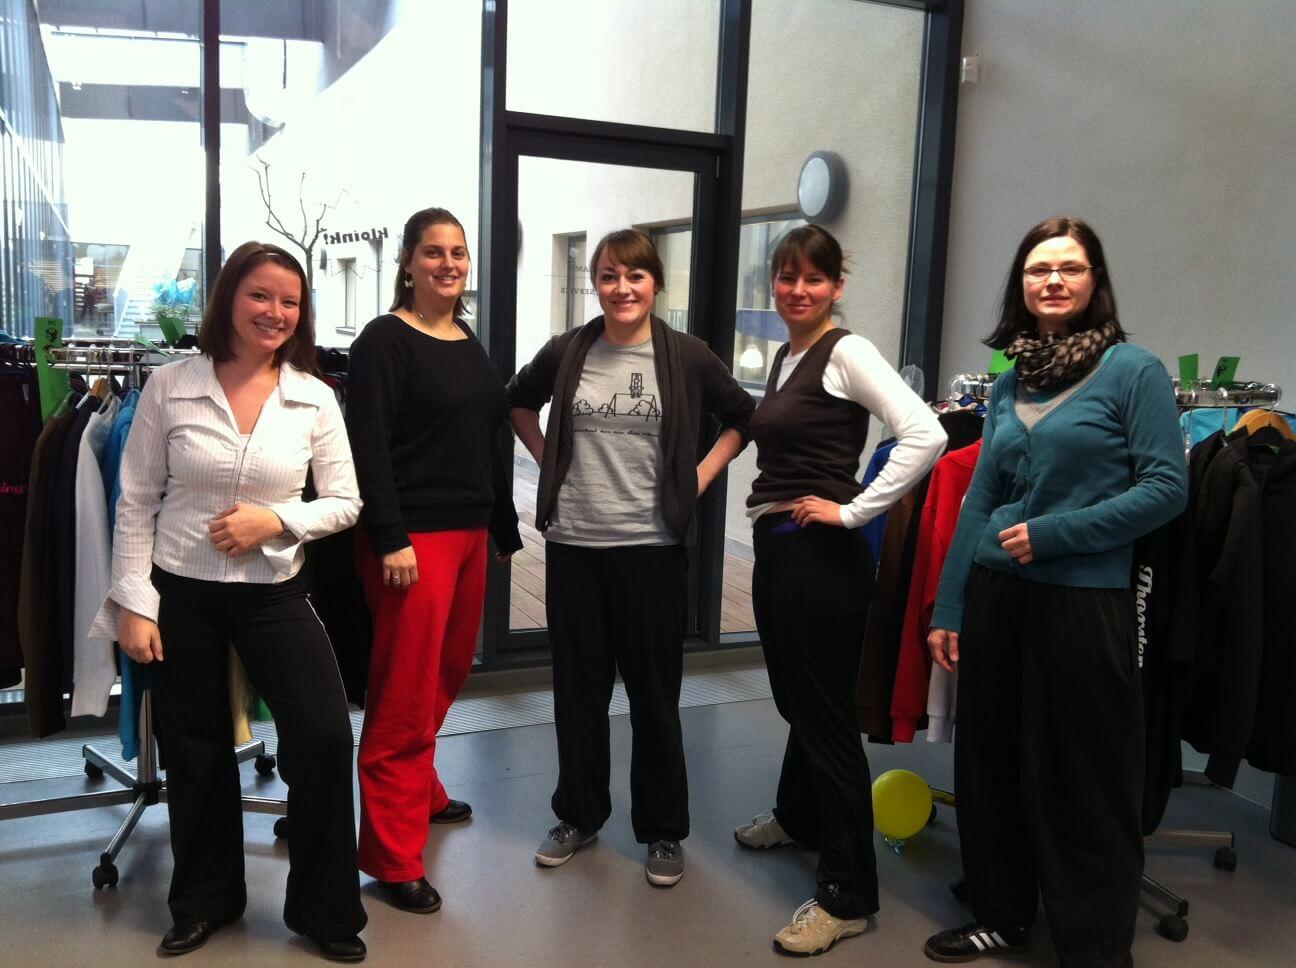 International Sweatpants Day 2018 - January 21